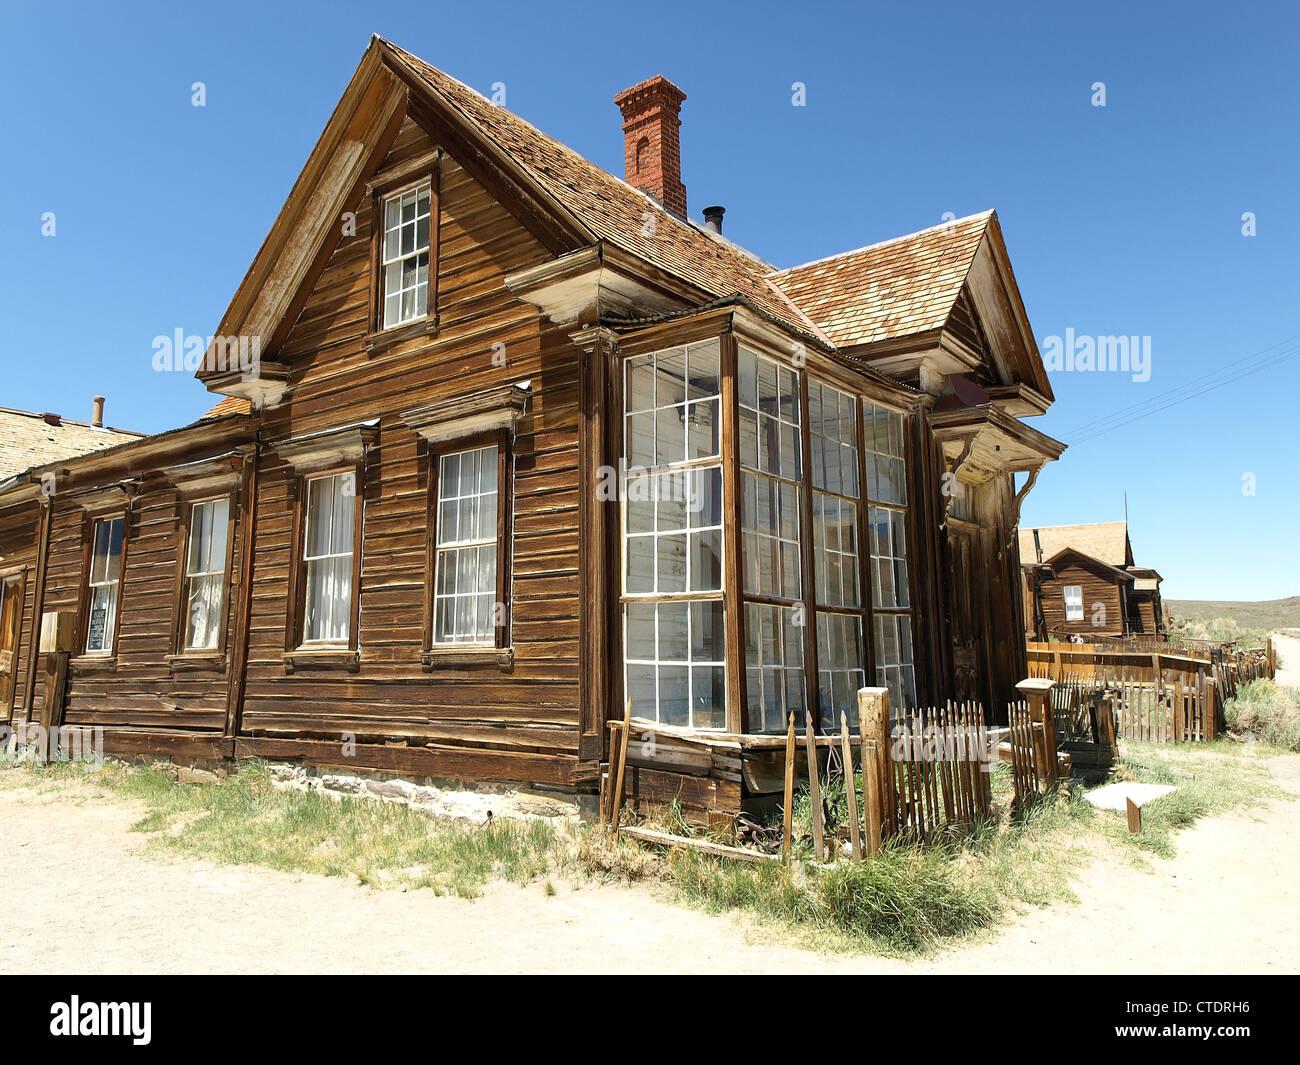 Une vieille maison à Bodie, une ville fantôme de la Californie, aux États-Unis. Banque D'Images